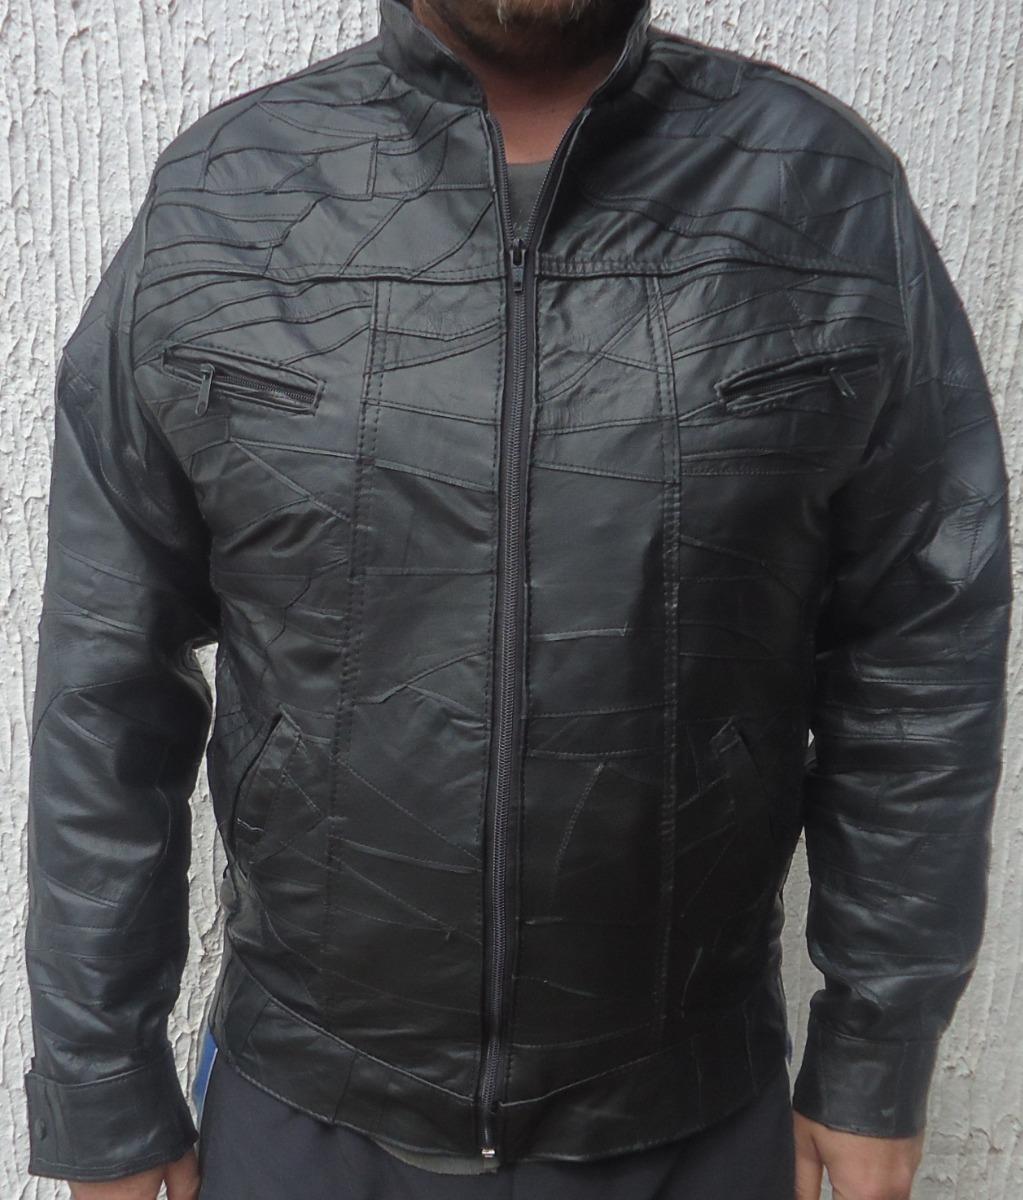 9eb5b5cbc Características. Marca Rafaini Couros  Modelo Jaqueta  Gênero Masculino   Tipo de casaco Jaqueta  Material do casaco couro legitimo retalhos ...